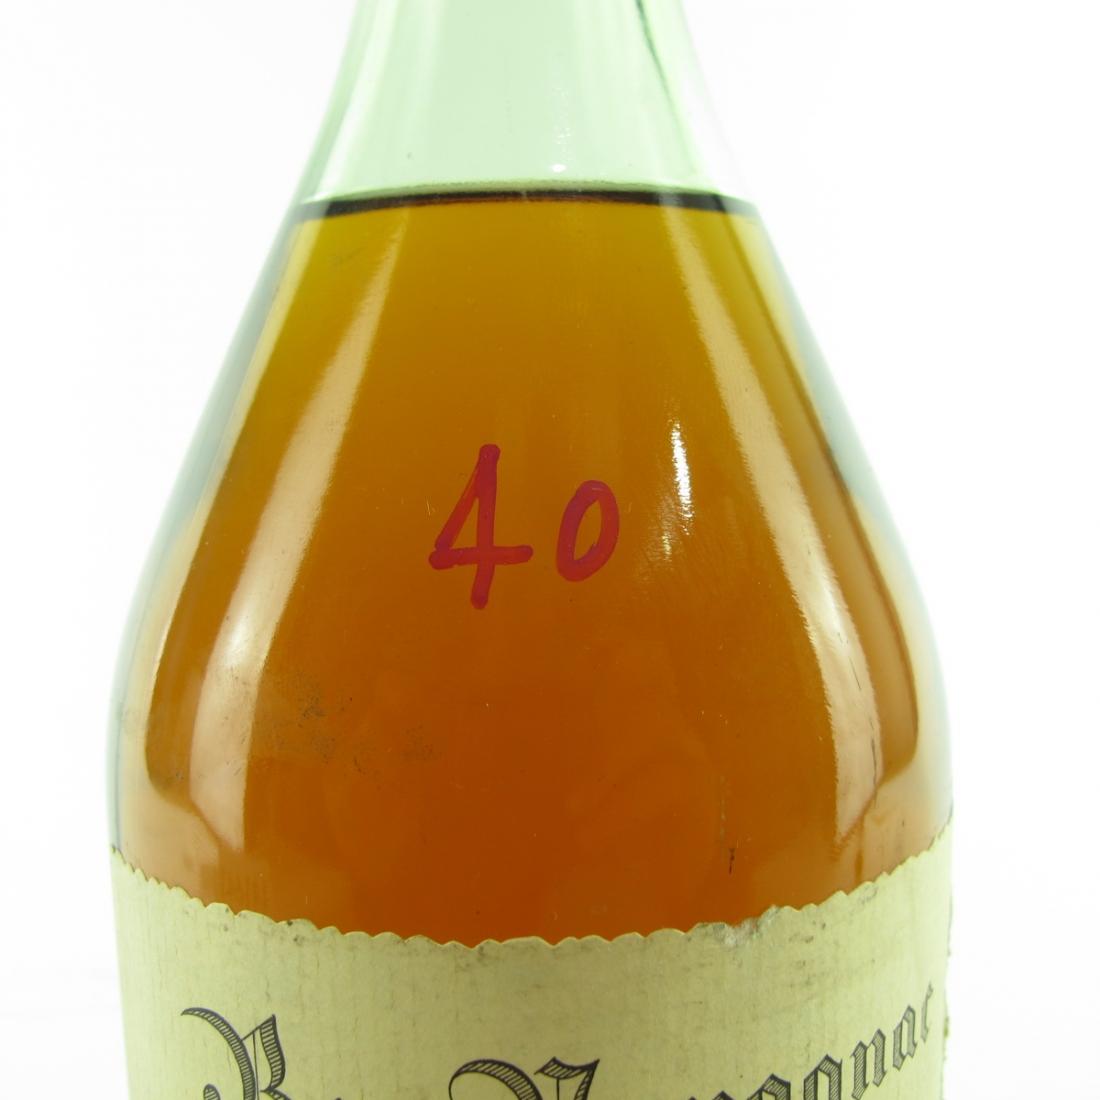 Domaine Boingneres Bas-Armagnac